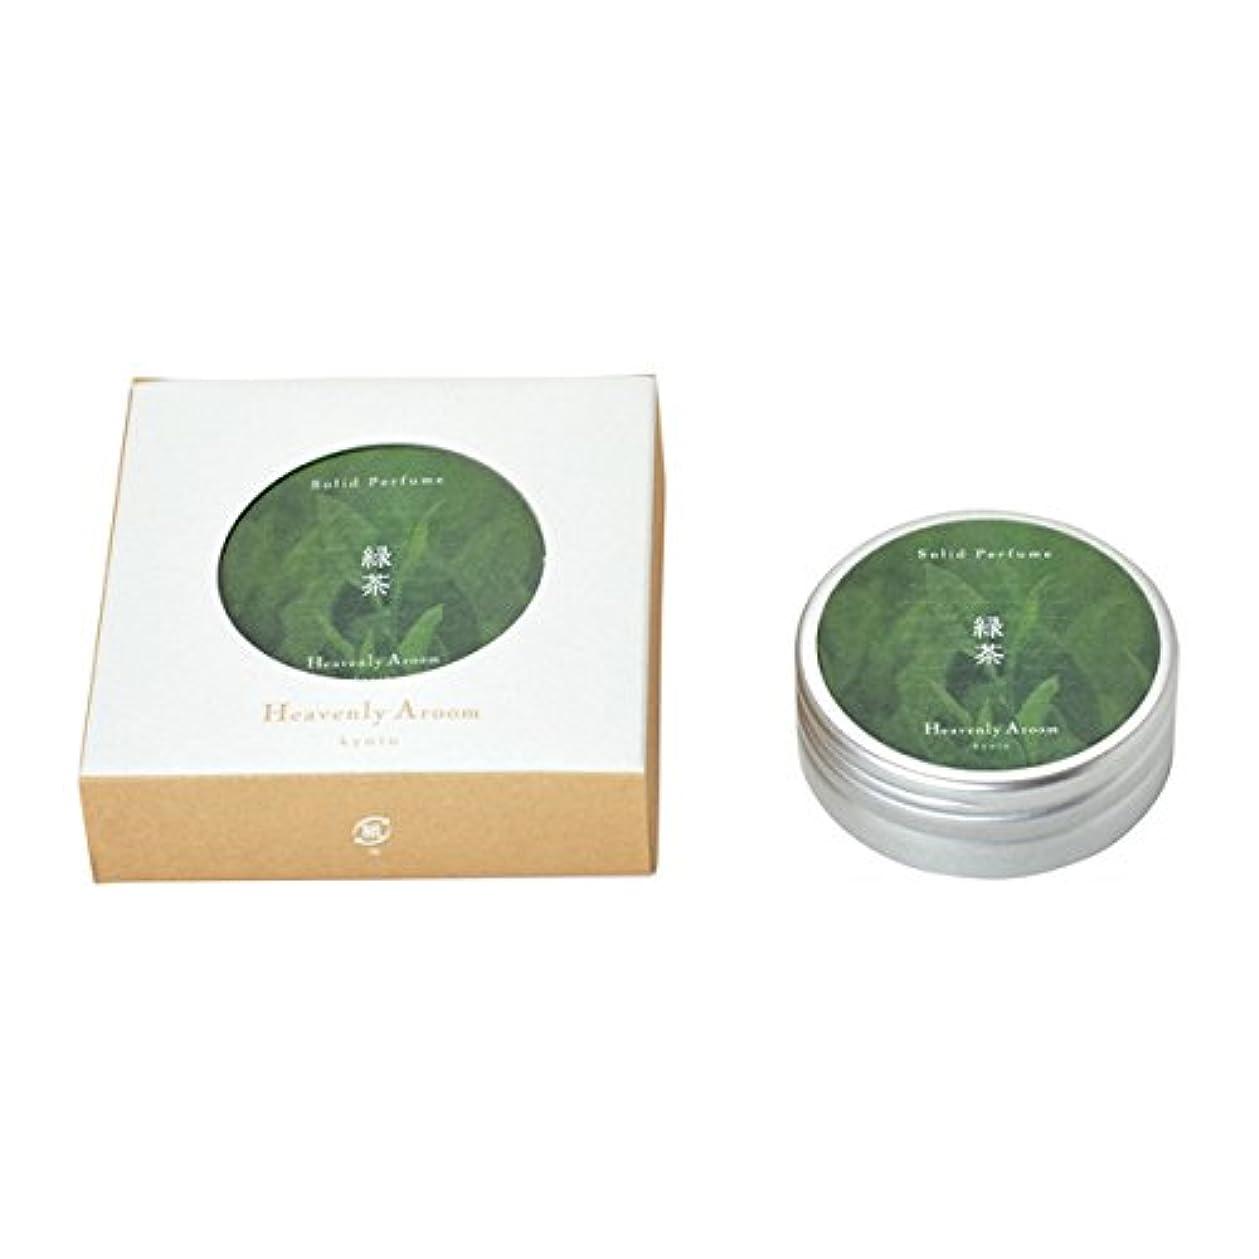 ひいきにする飼料賞賛Heavenly Aroom ソリッドパフューム 緑茶 15g